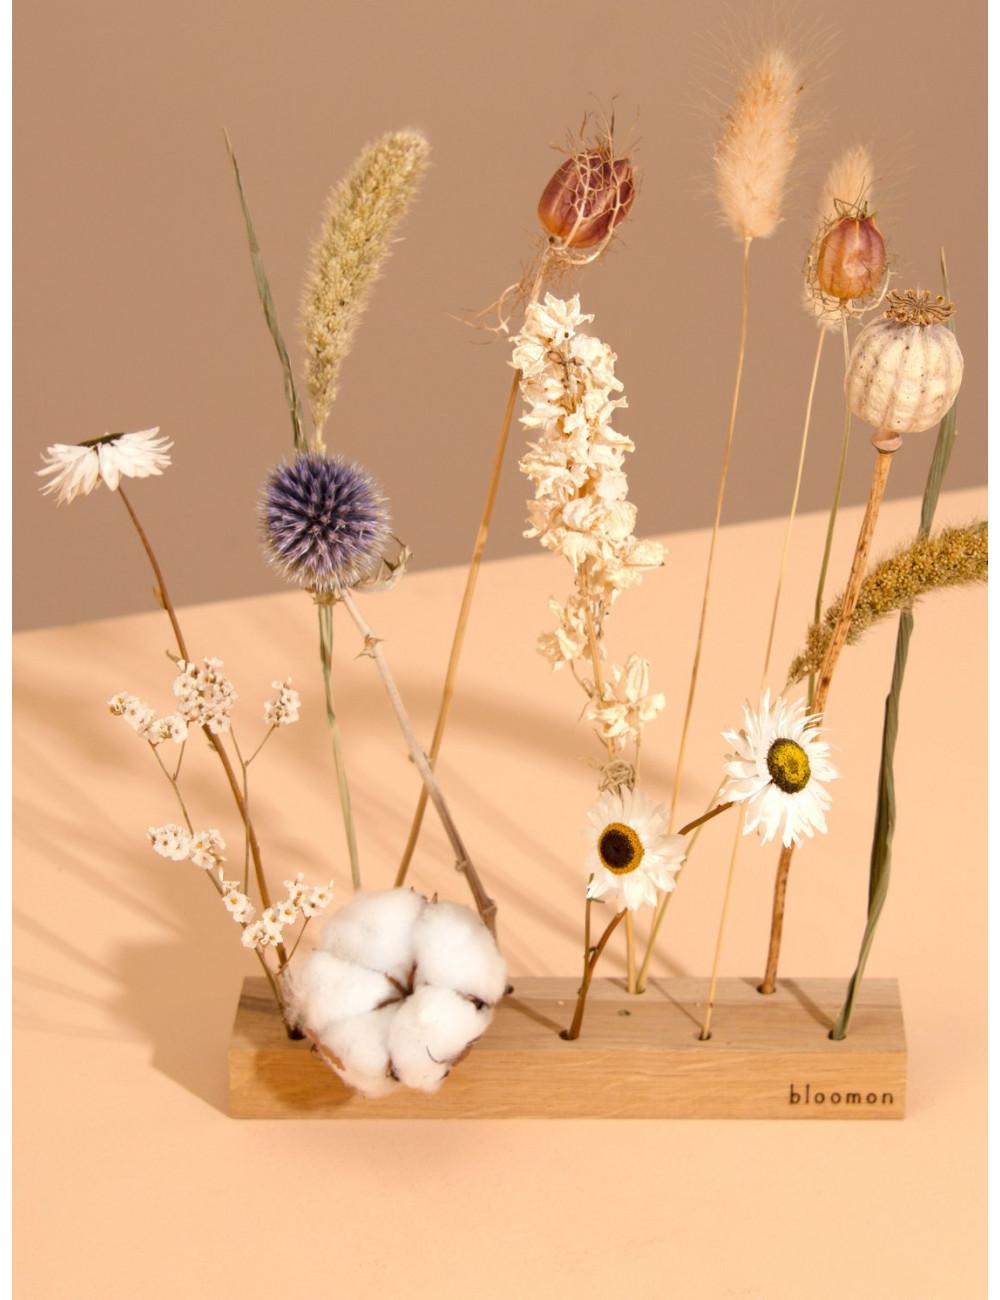 Flowergram | crisp cotton